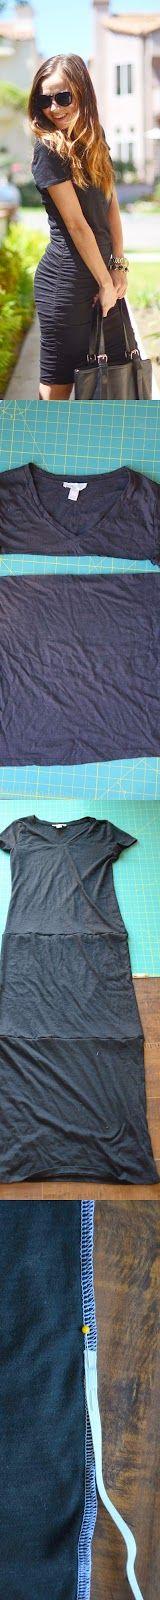 DIY: hacer un vestido fácil con 3 camisetas y un elástico